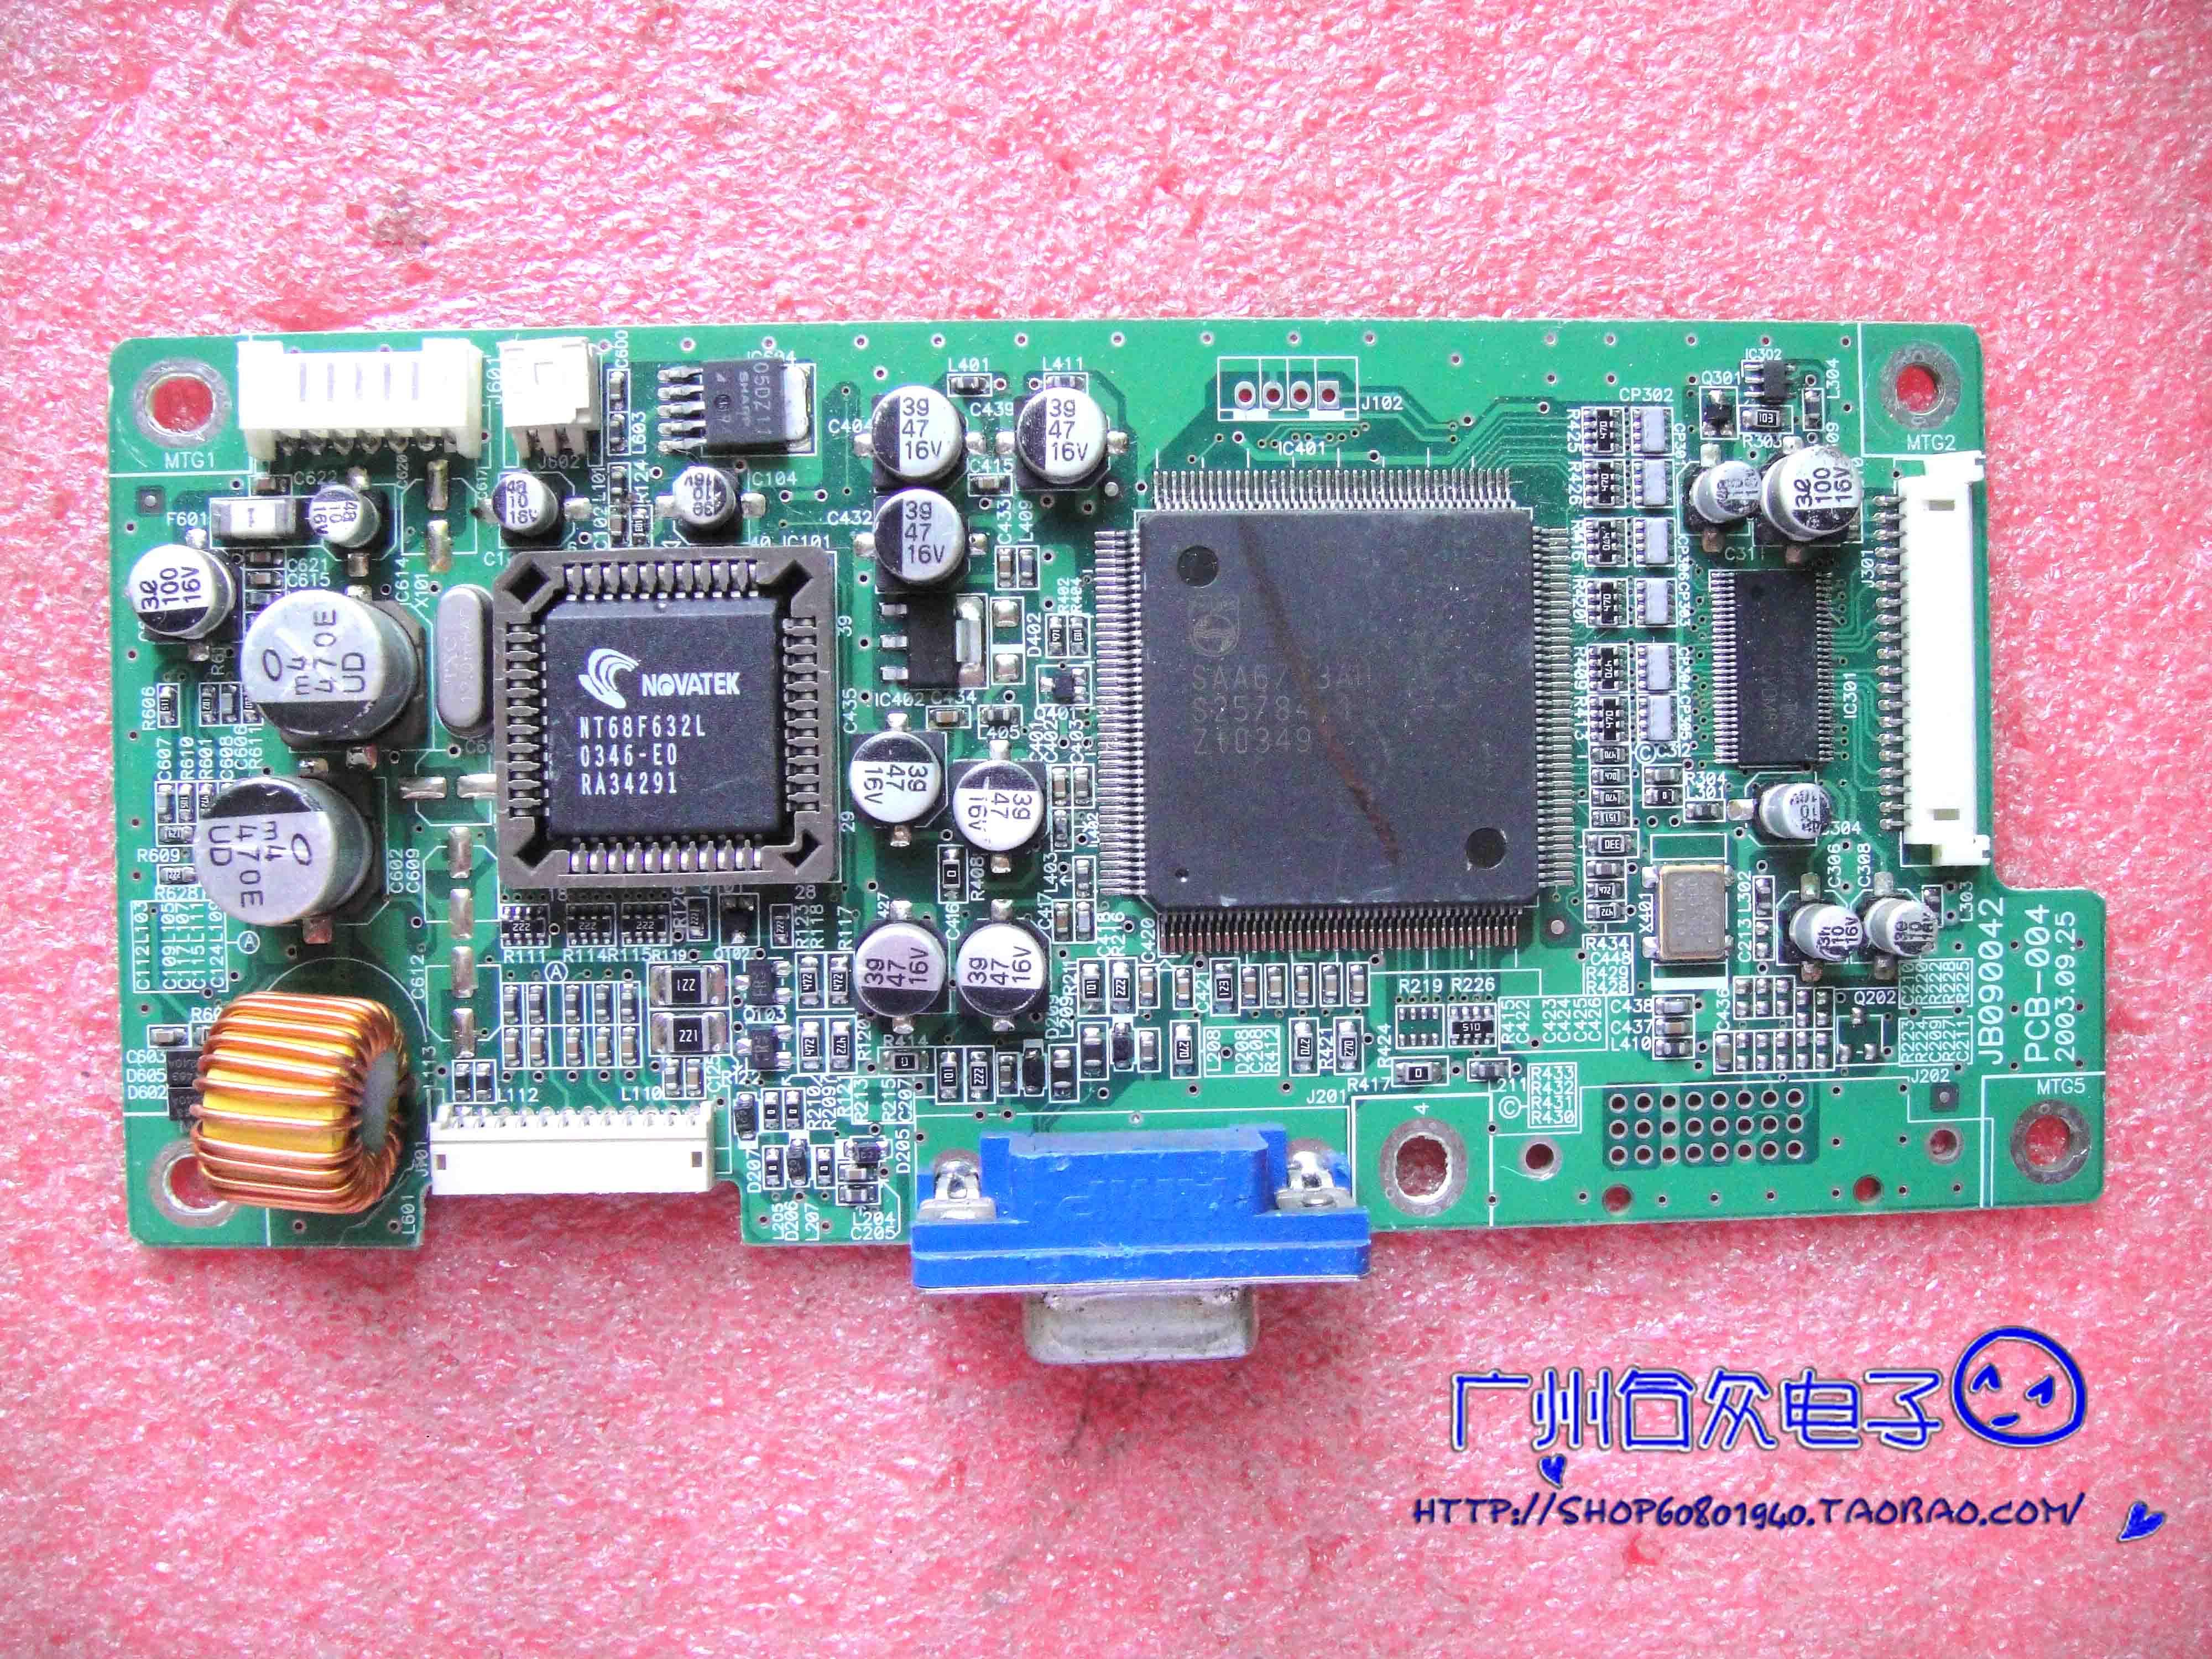 نيك مولتيسينك LCD1560V محرك لوحة PCB-004 JB090042 اللوحة الأم